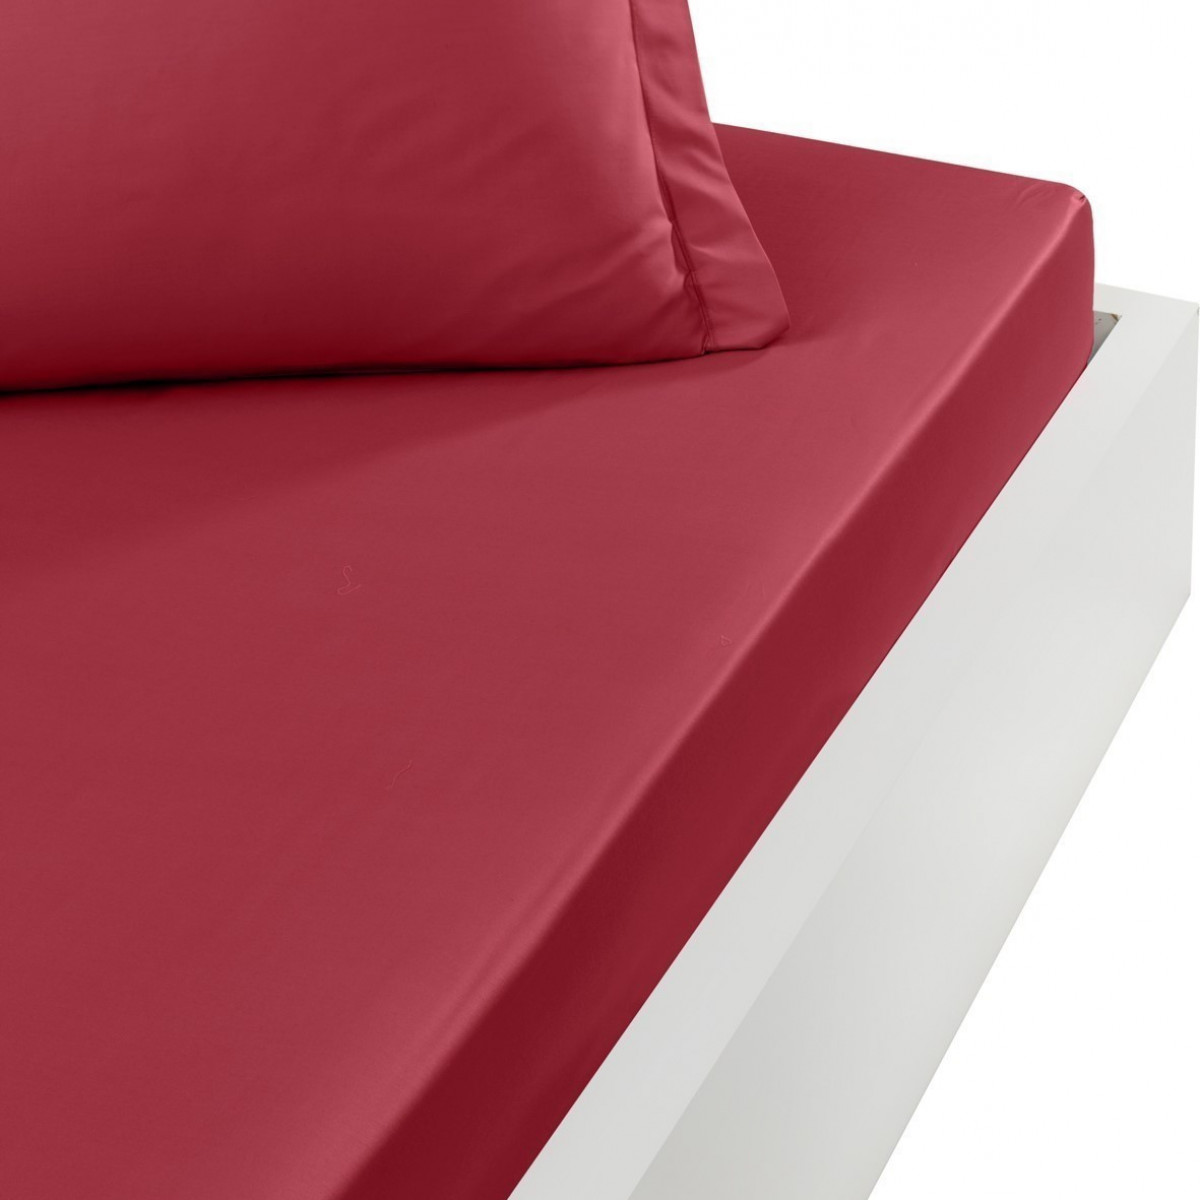 Drap housse en percale de coton bon Cardinal 120x190 cm